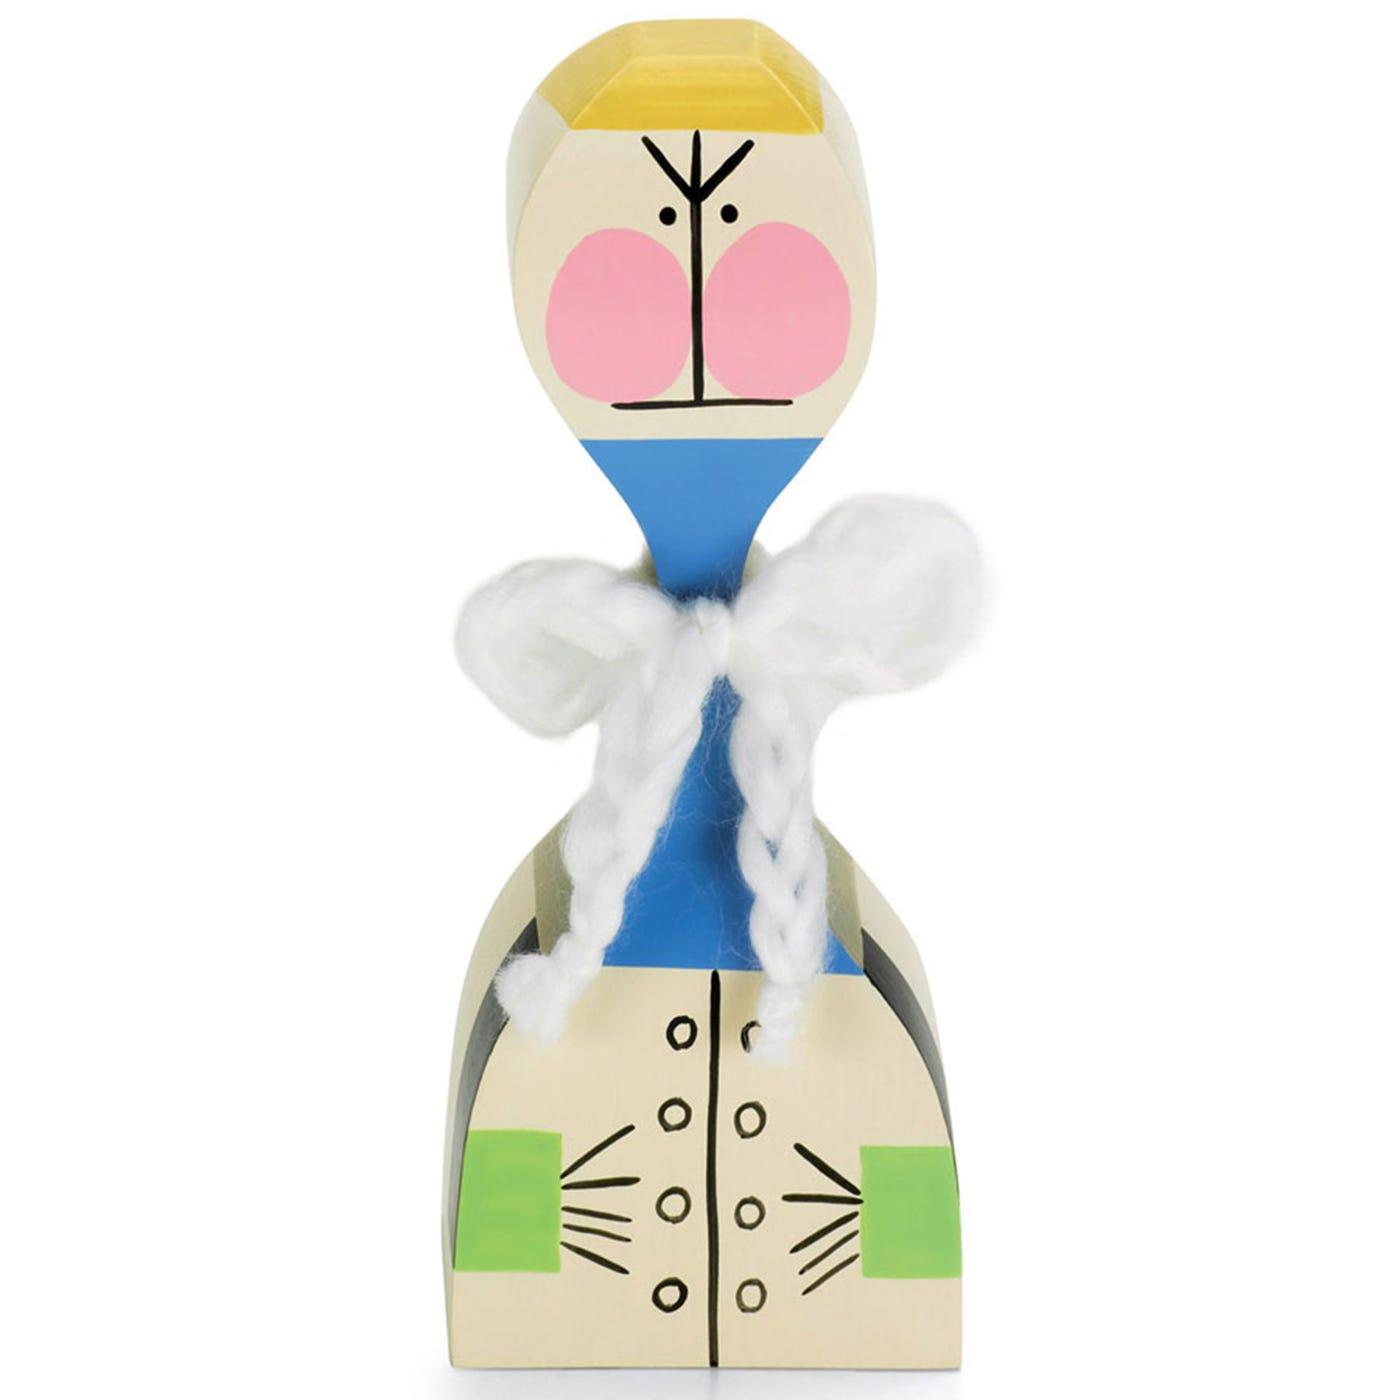 Vitra Girard Doll No 21 Angry Pink Cheek Yellow Hair